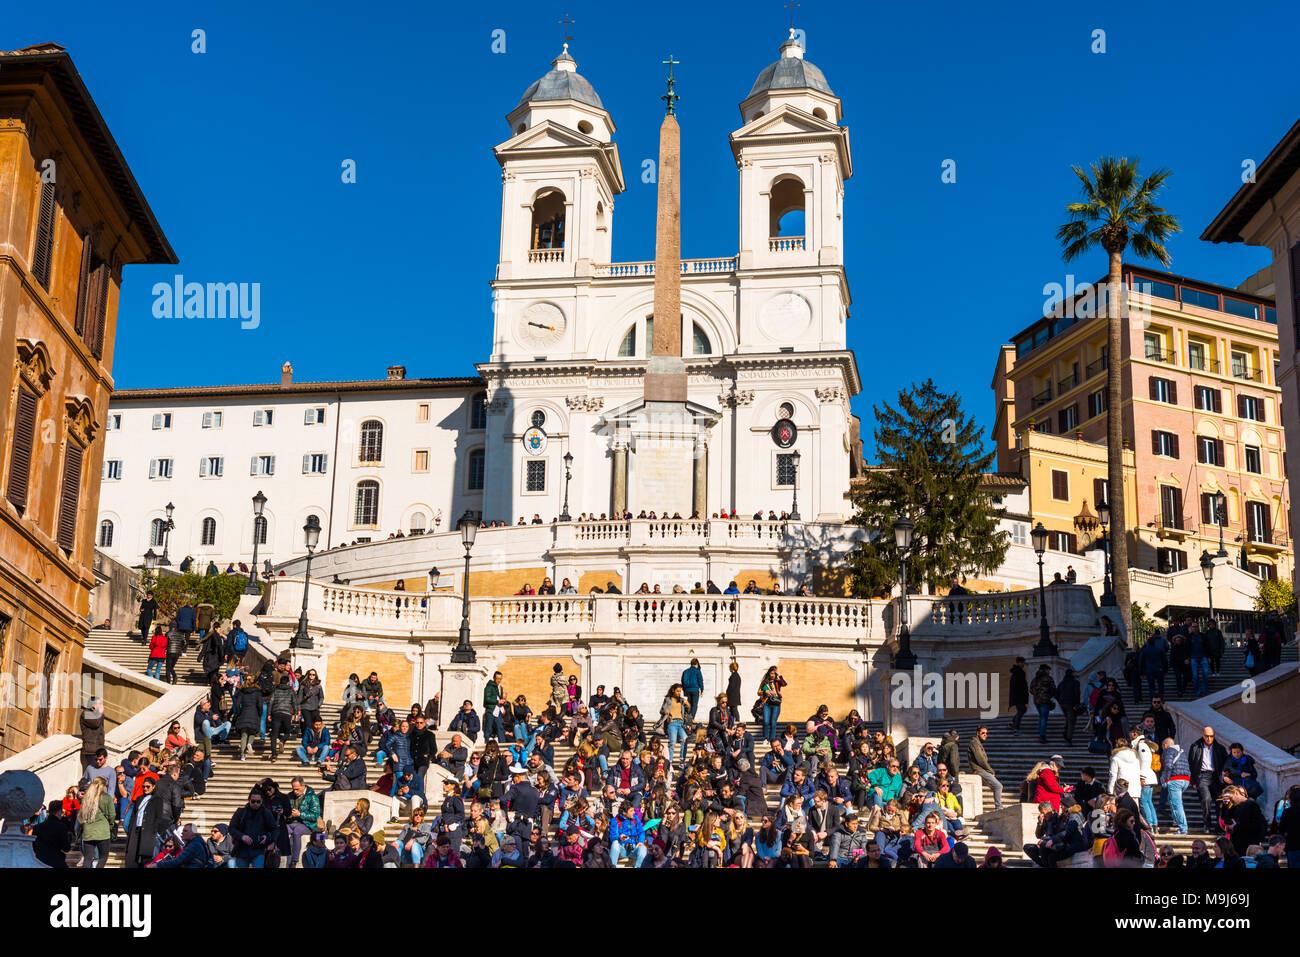 The Spanish Steps (Scalinata di Trinità dei Monti), Rome, Italy, between Piazza di Spagna and Piazza Trinità dei Monti & Trinità dei Monti church. - Stock Image